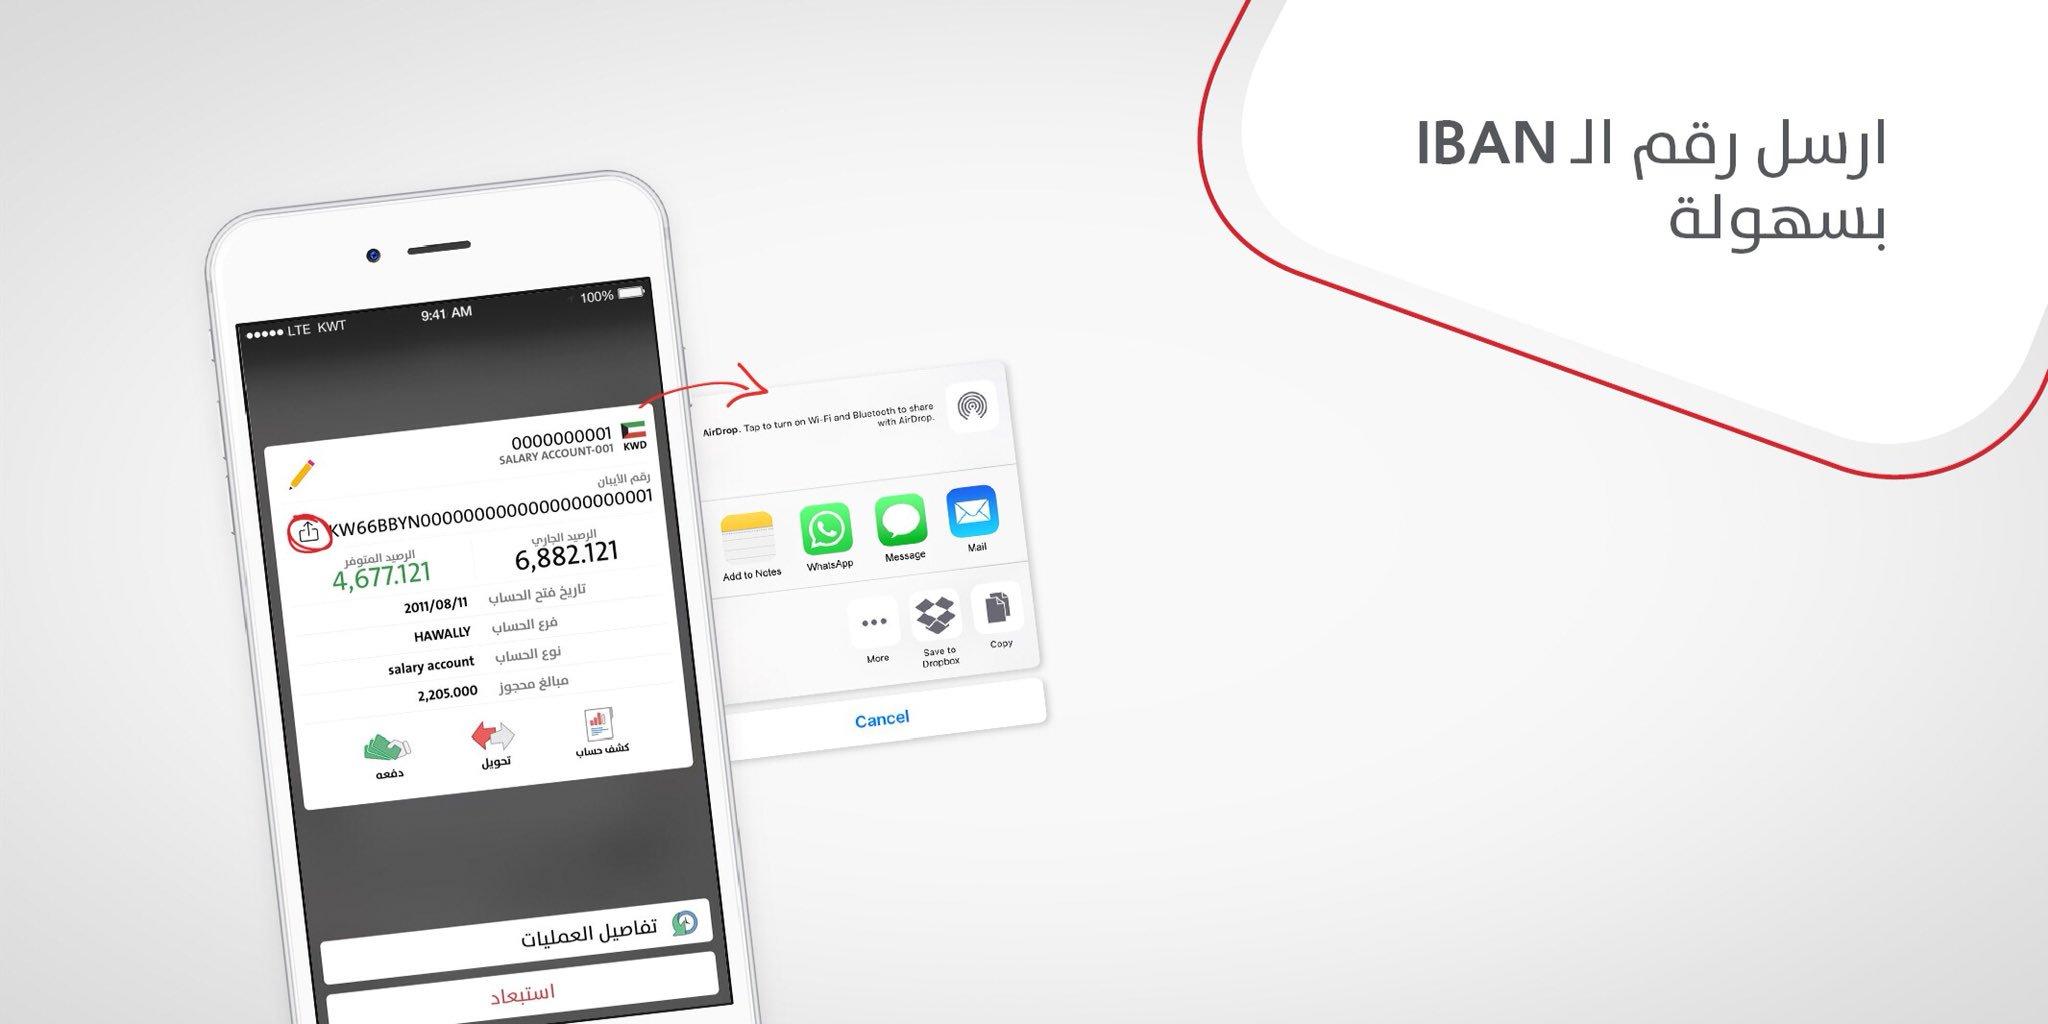 بنك بوبيان Twitterissa يمكنك نسخ رقم ال Iban أو إرساله بكل سهولة عبر ال Whatsapp أو رسالة نصية Boubyanservices